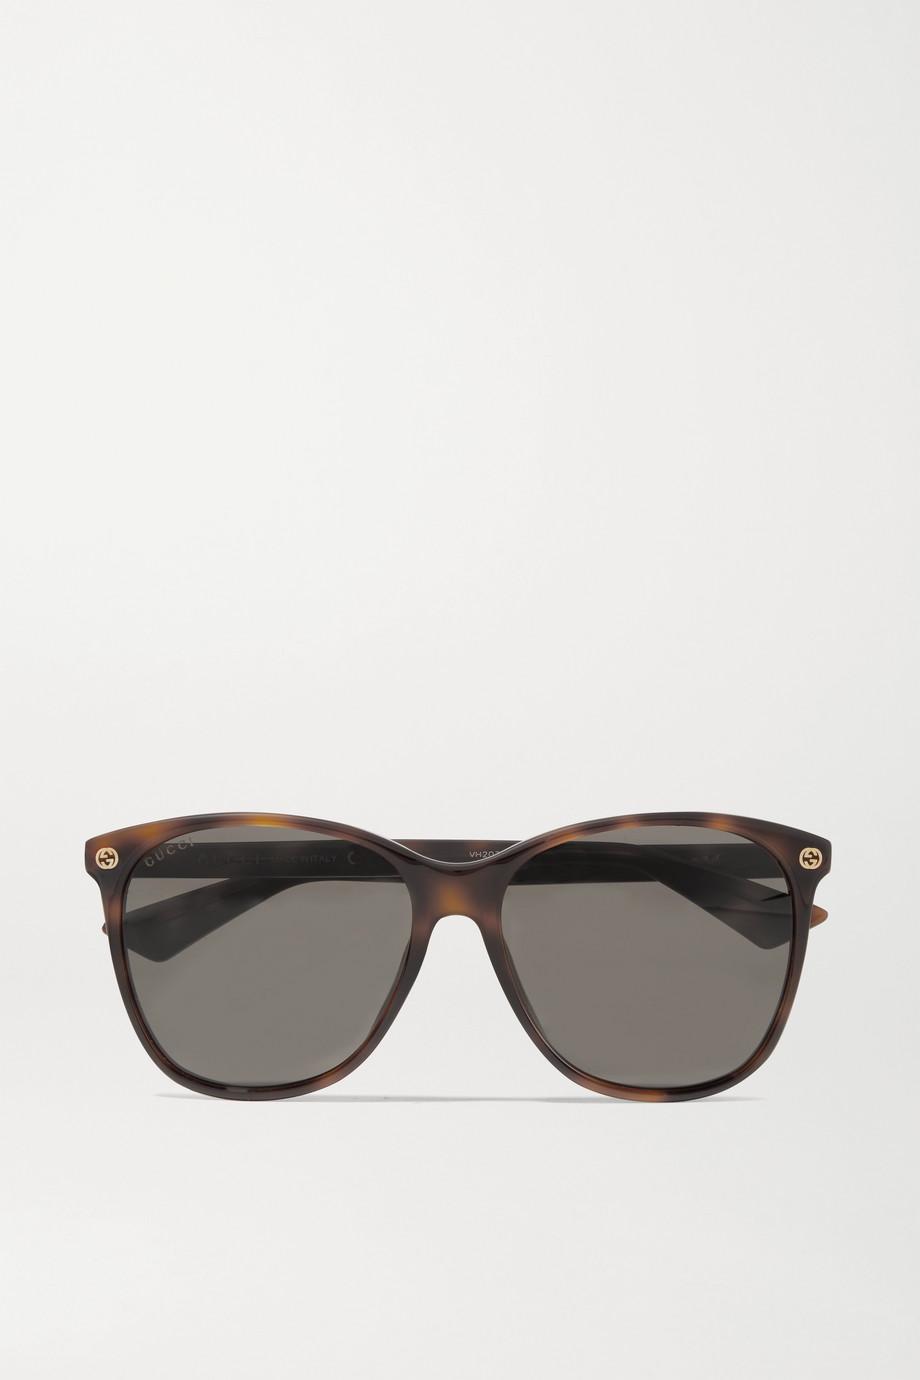 Gucci 玳瑁纹板材圆框太阳镜